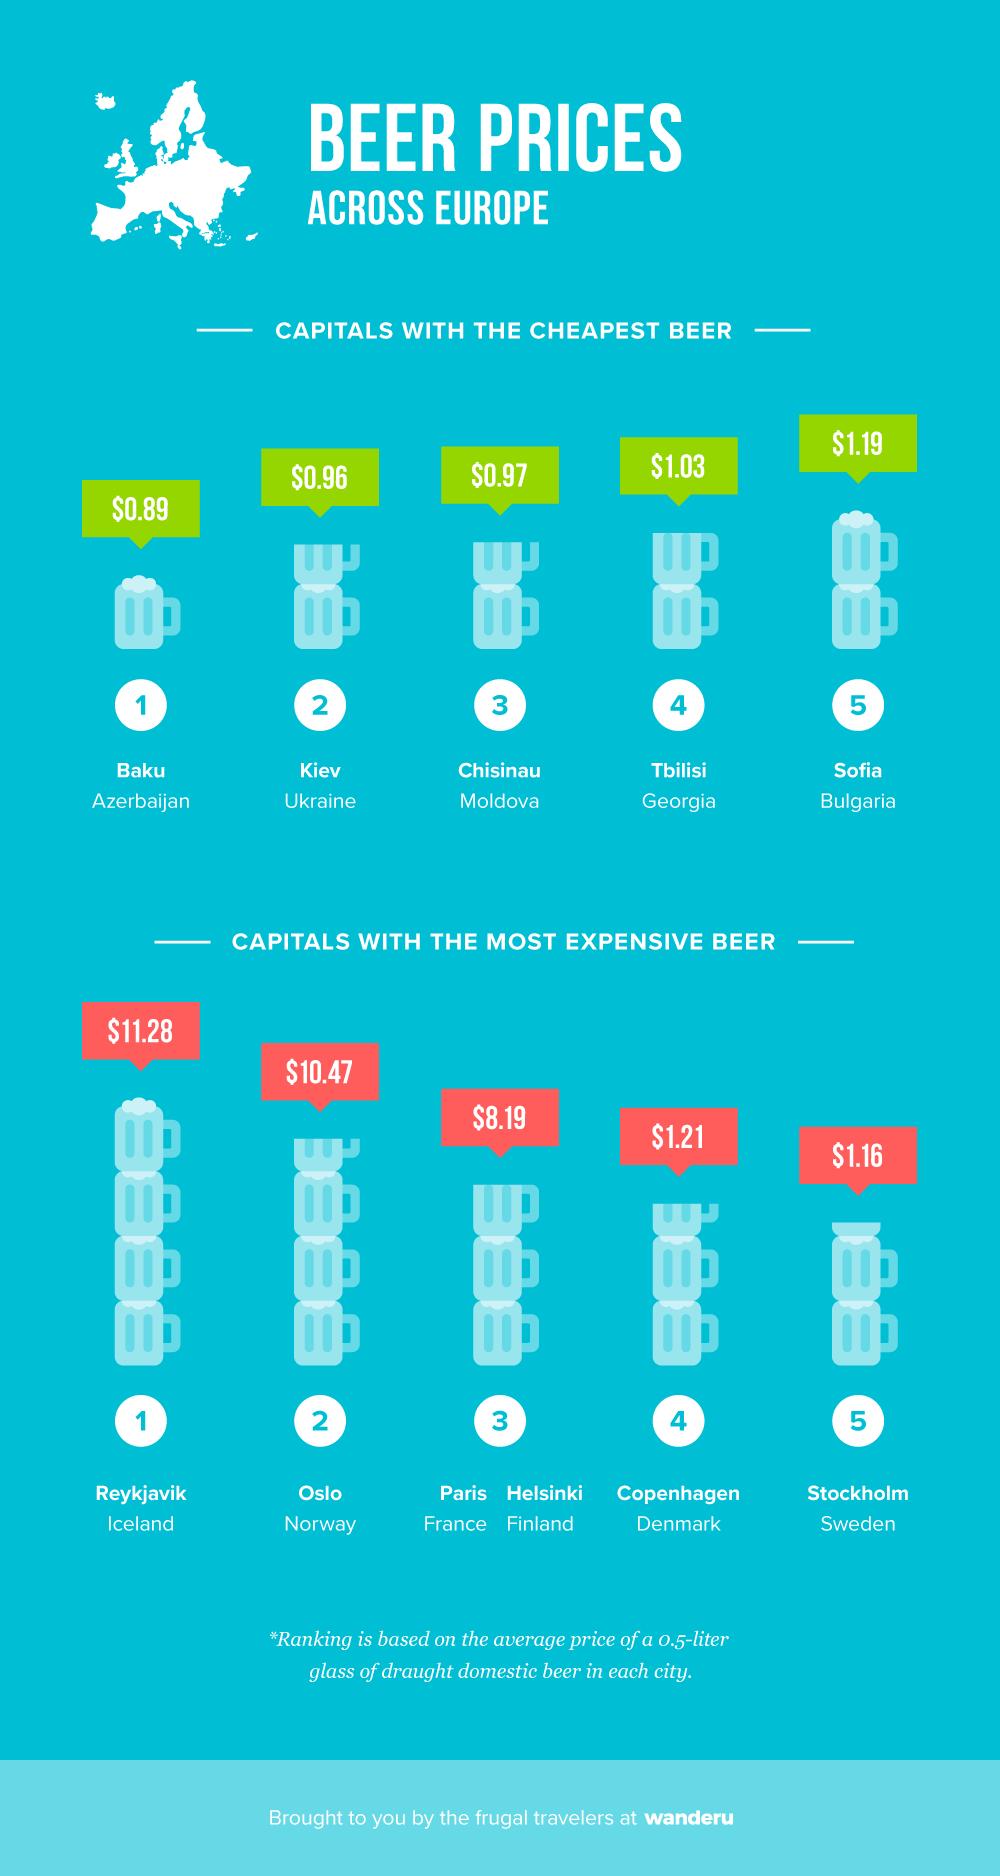 Cost of beer across Europe.